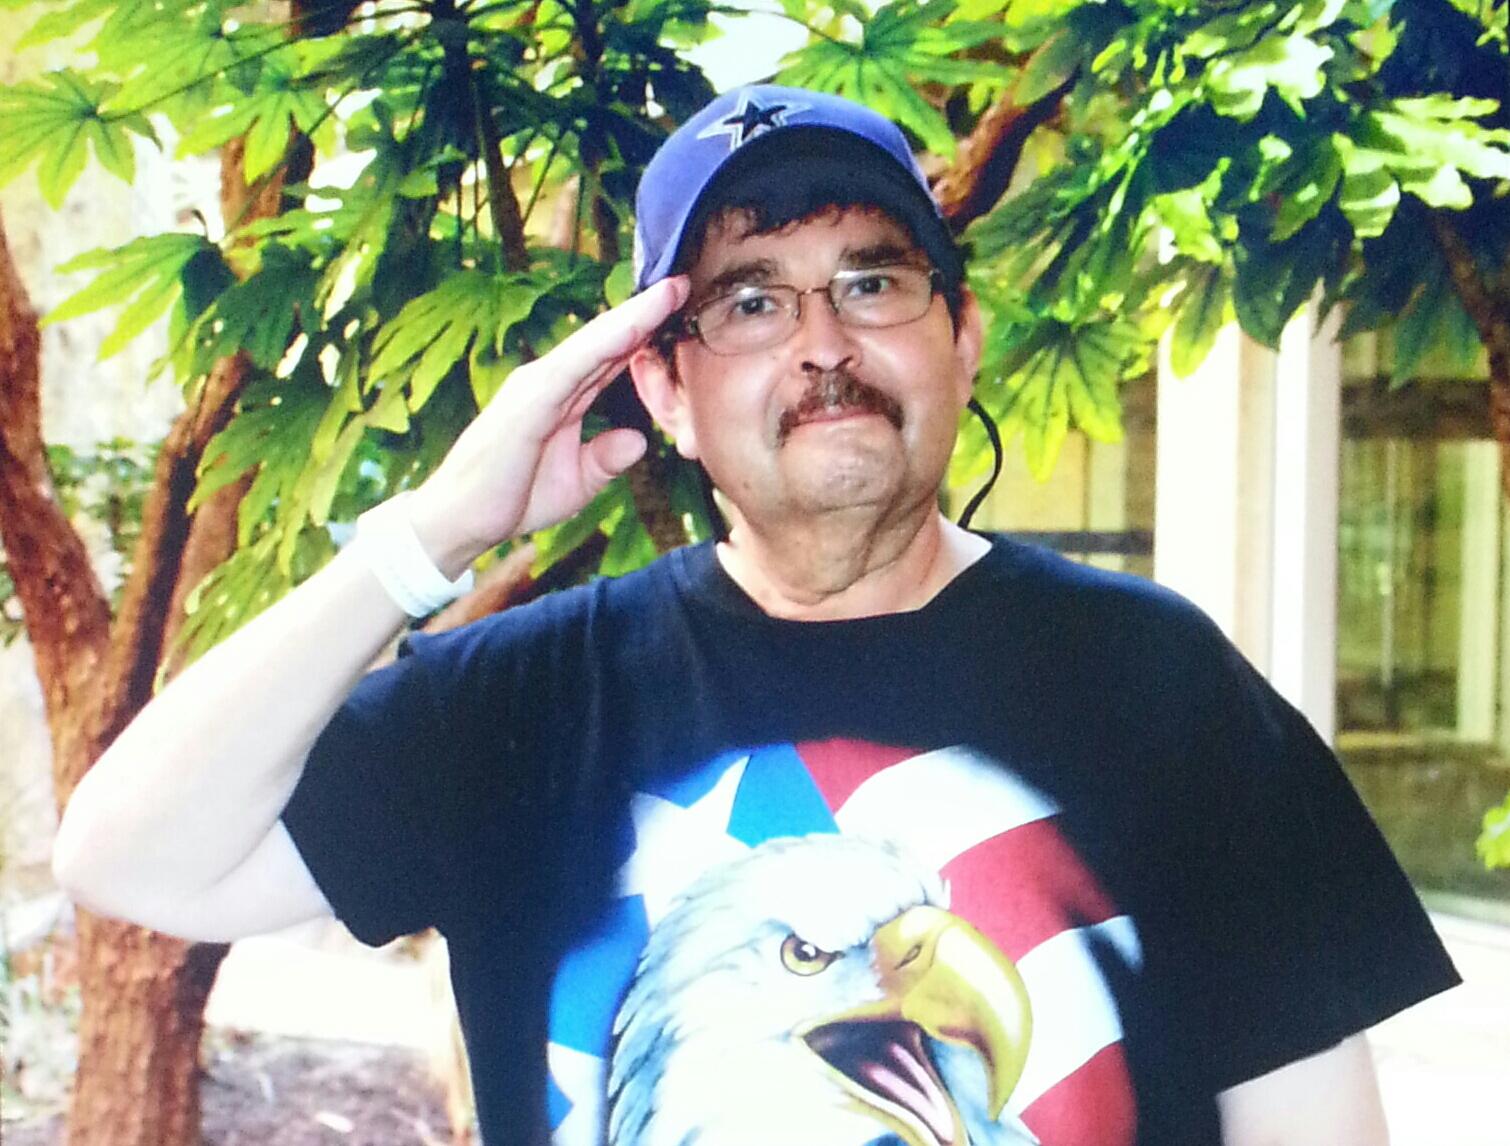 R. Dennis Alvarado